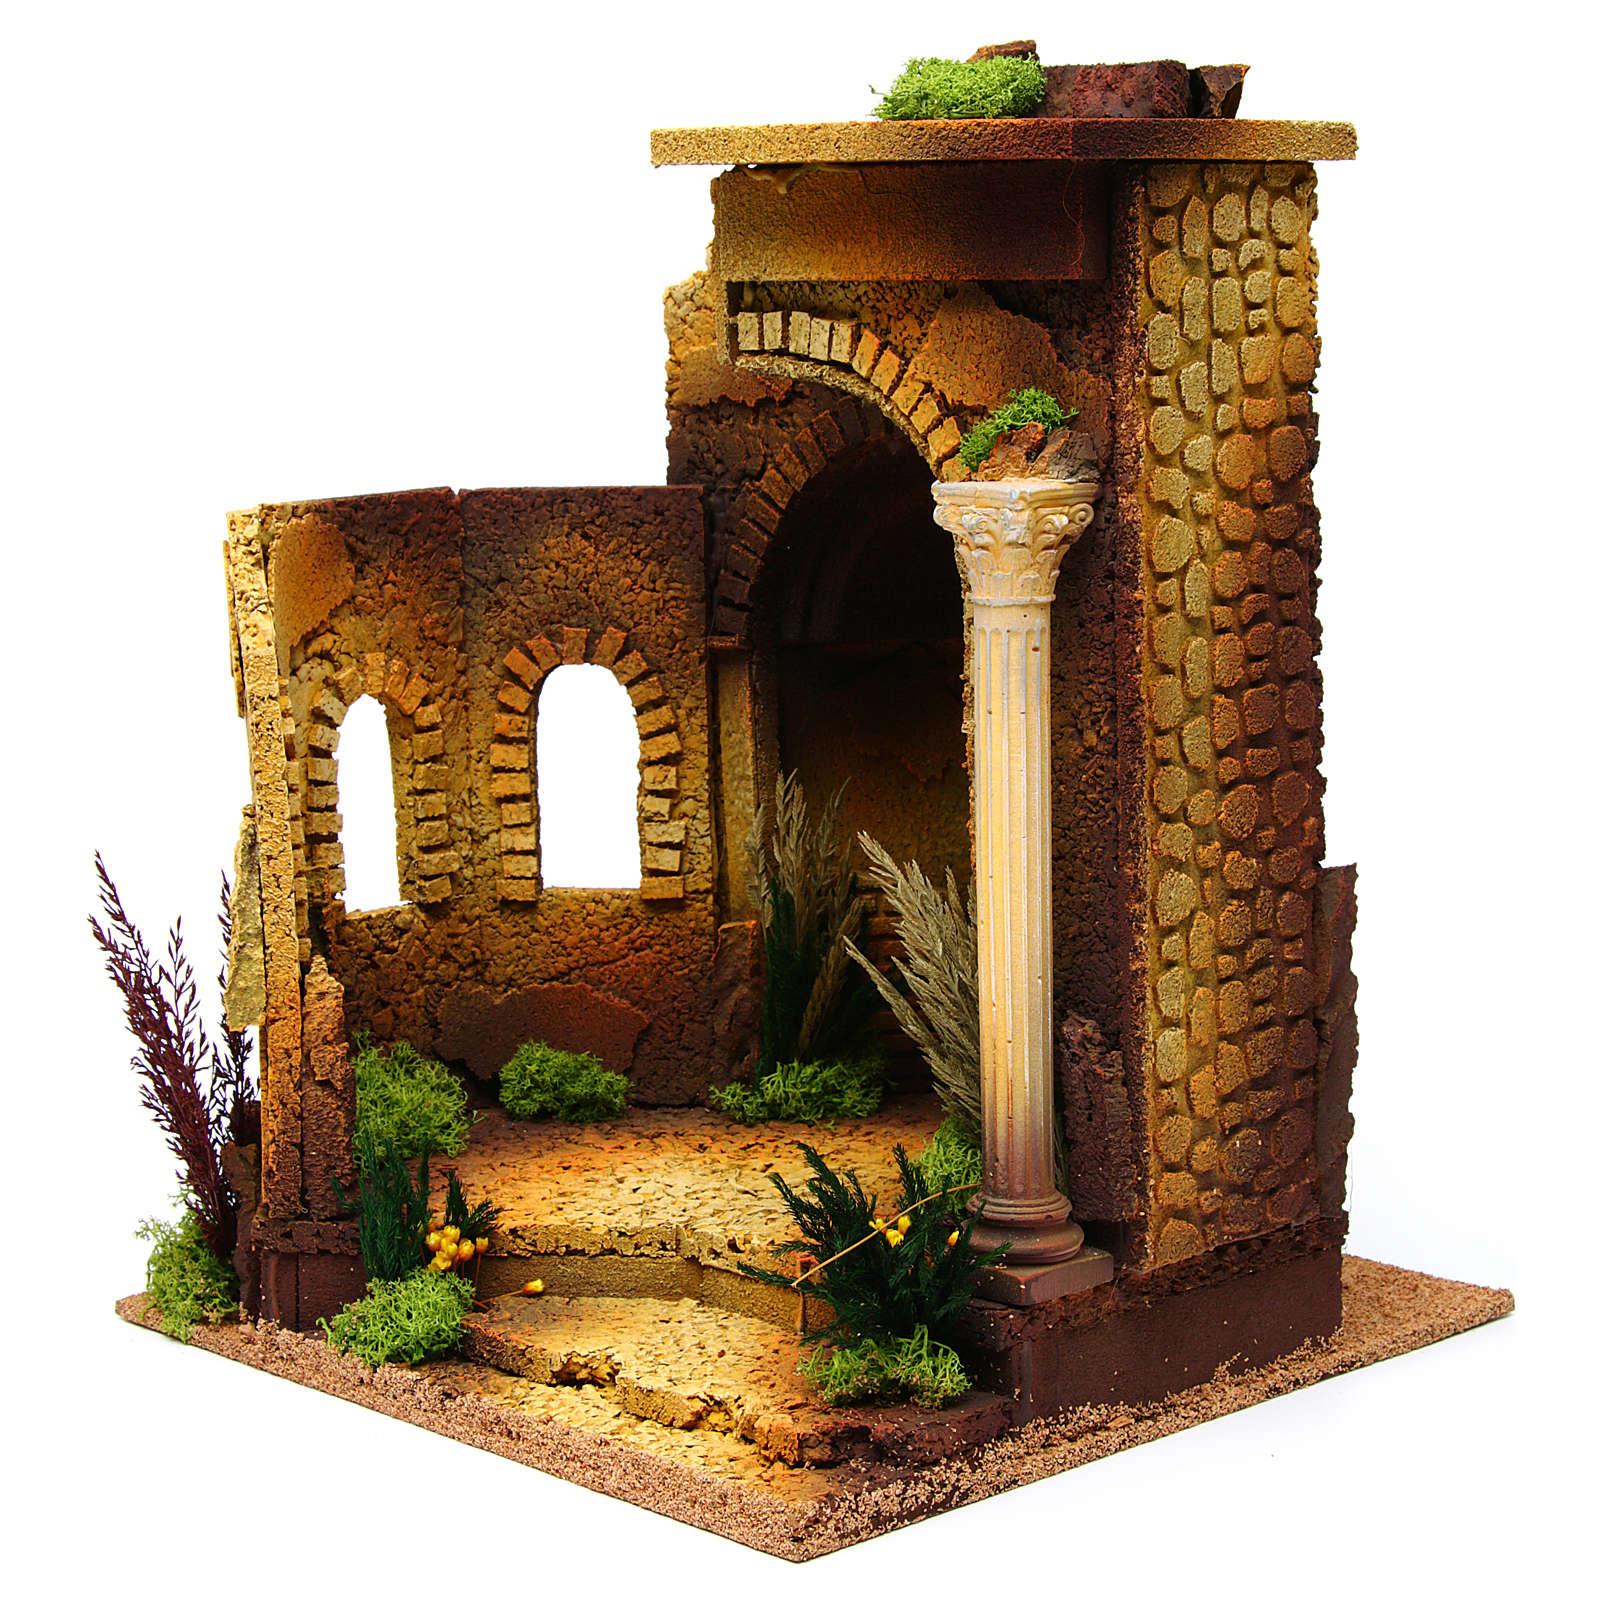 Tempio romano stile antico con arco, per presepe 4